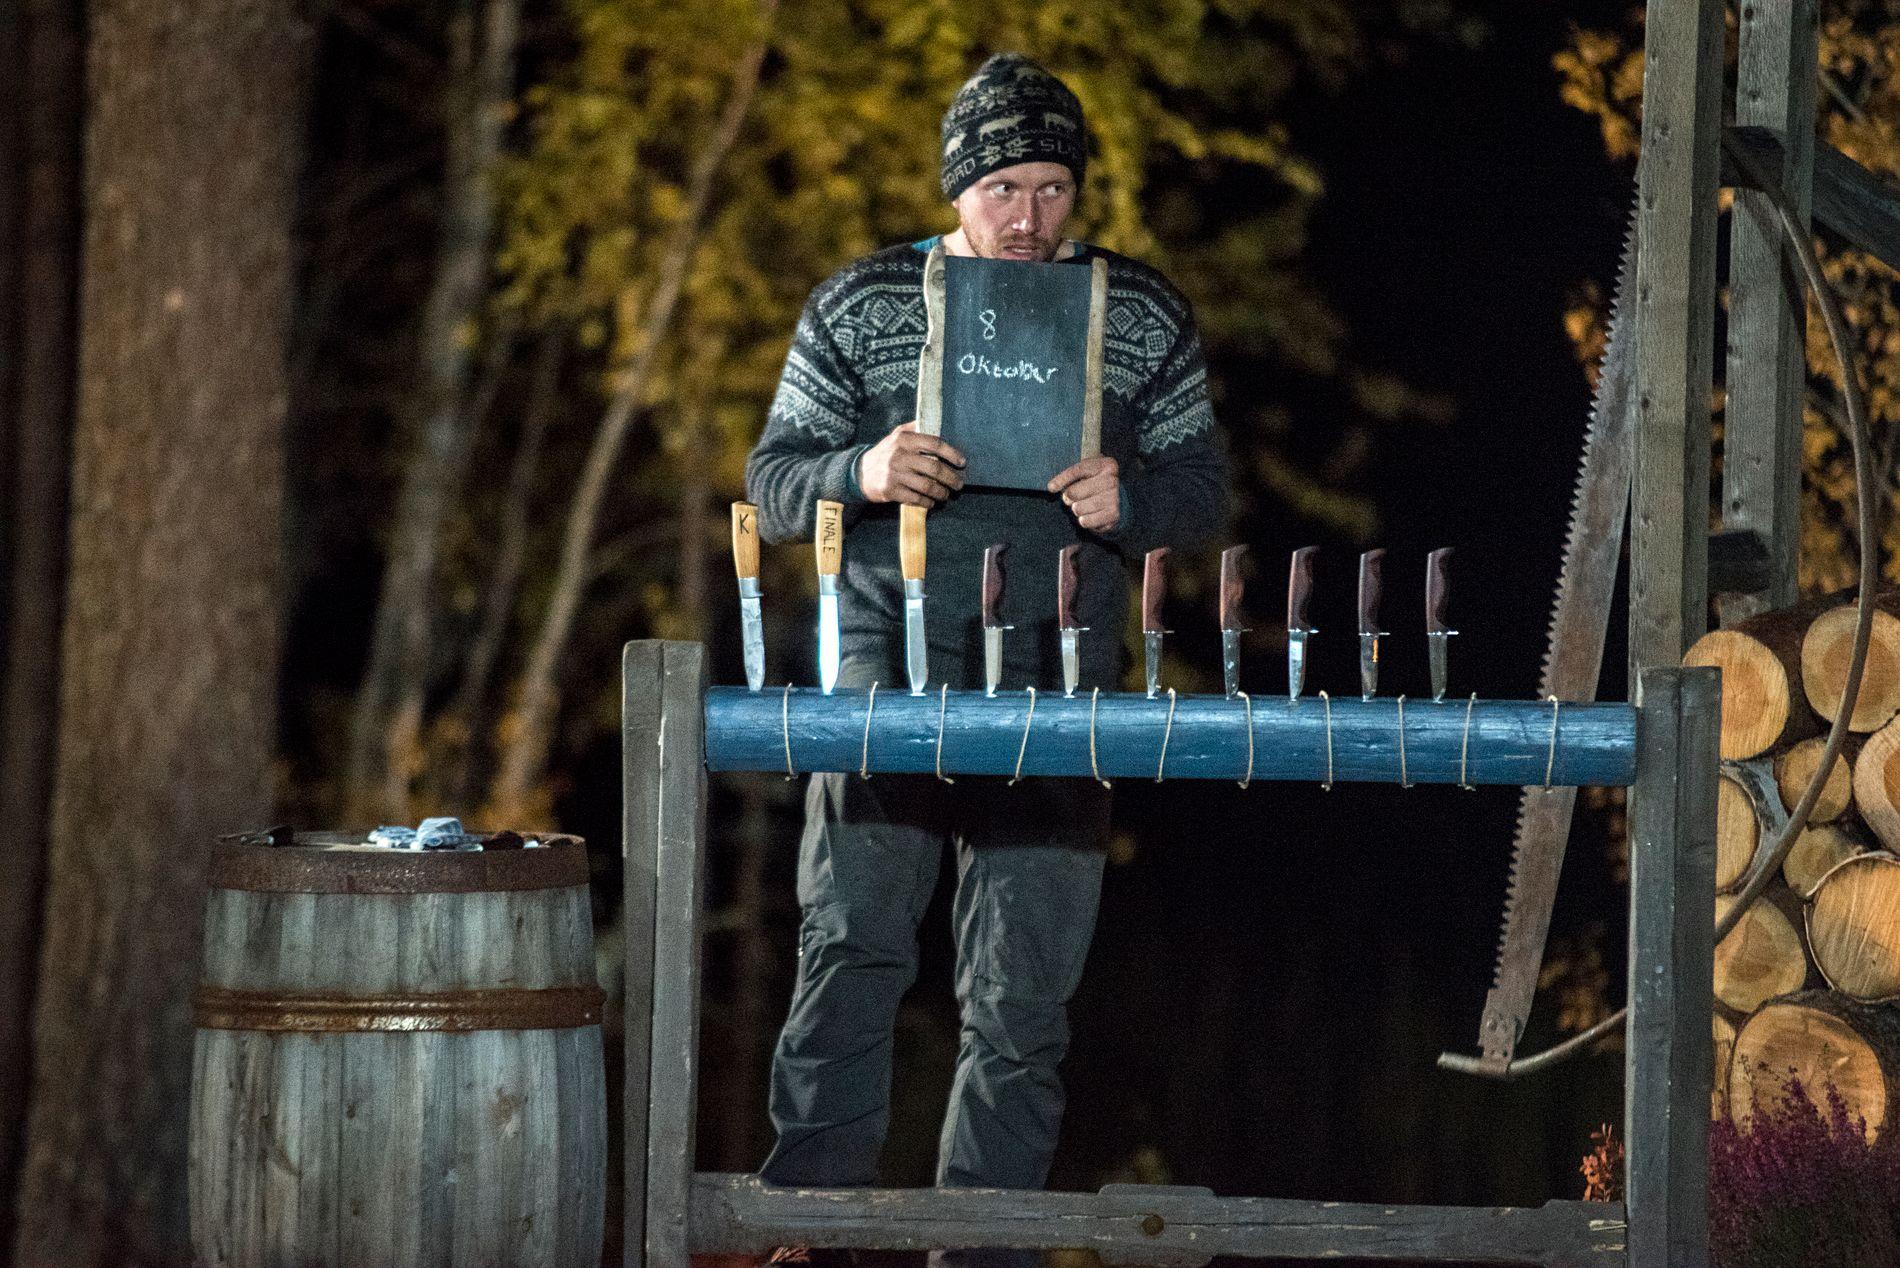 SVARTE FEIL:  Kjetil trodde 1. verdenskrig ble avsluttet 8. oktober. Tonje svarte riktig, 11. november, og vant med det «Farmen».